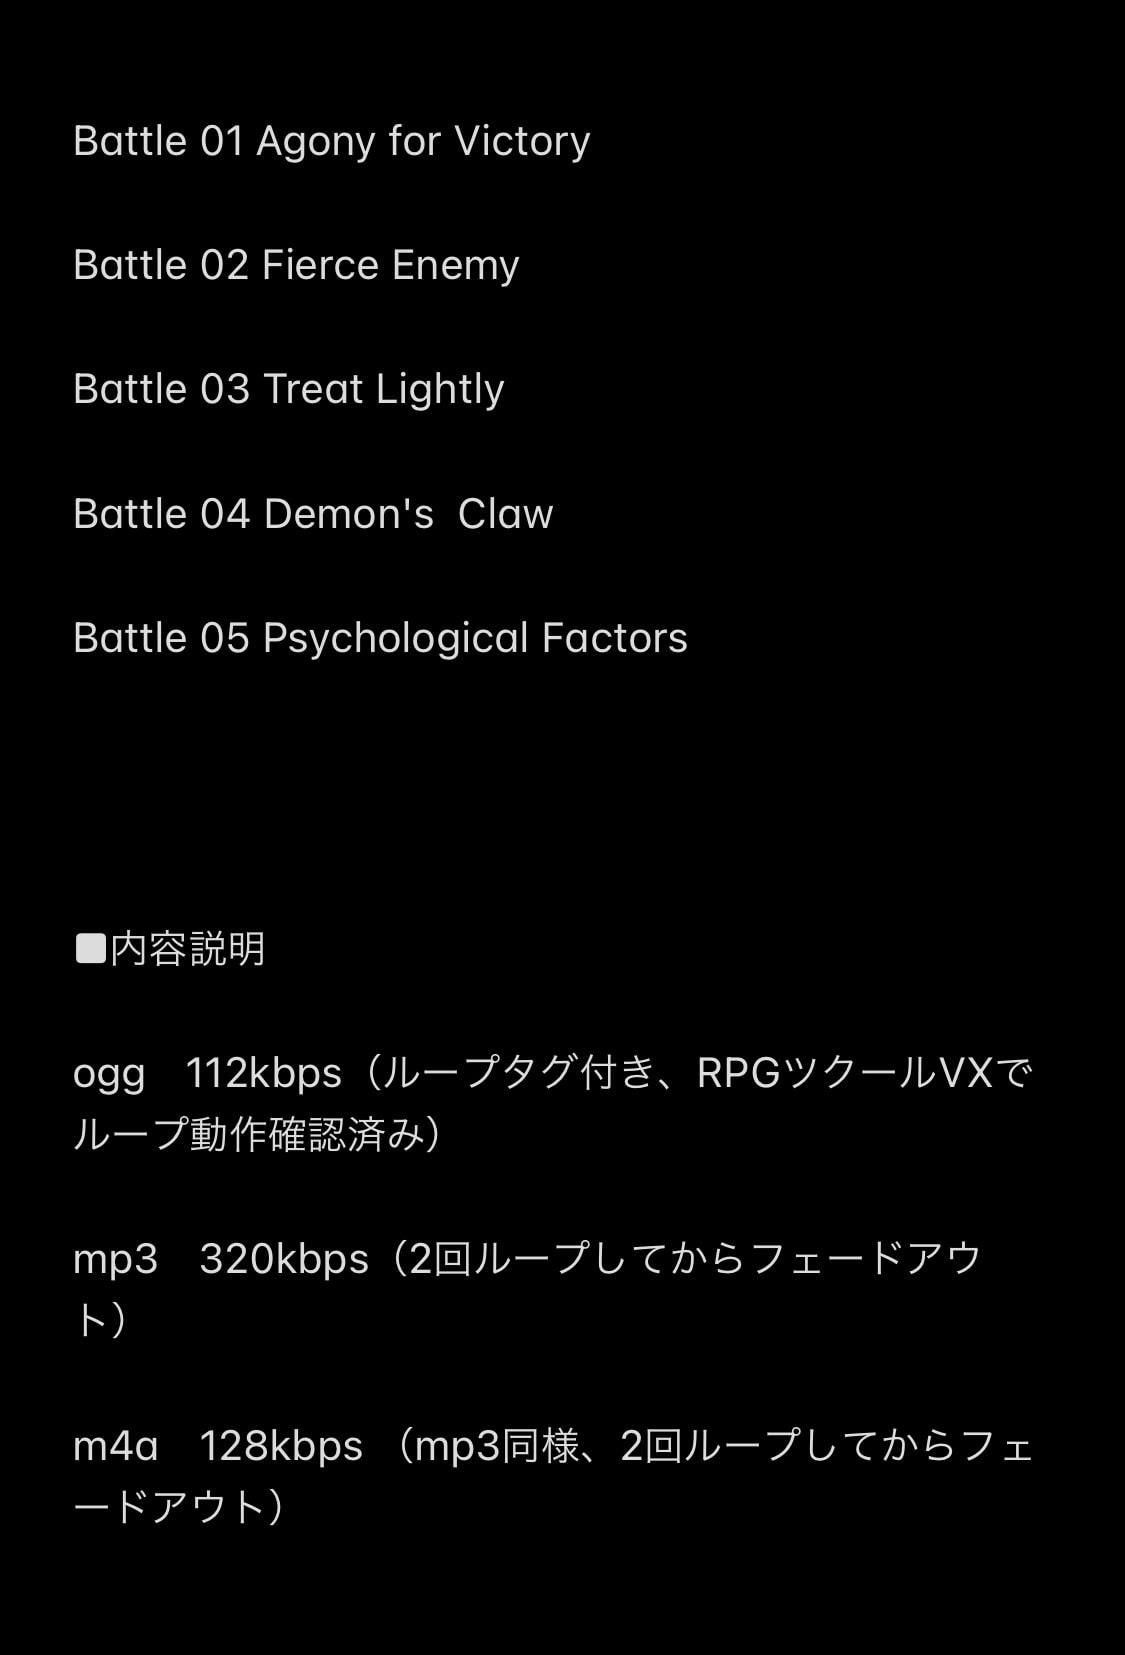 Battle Music RPG戦闘用BGM